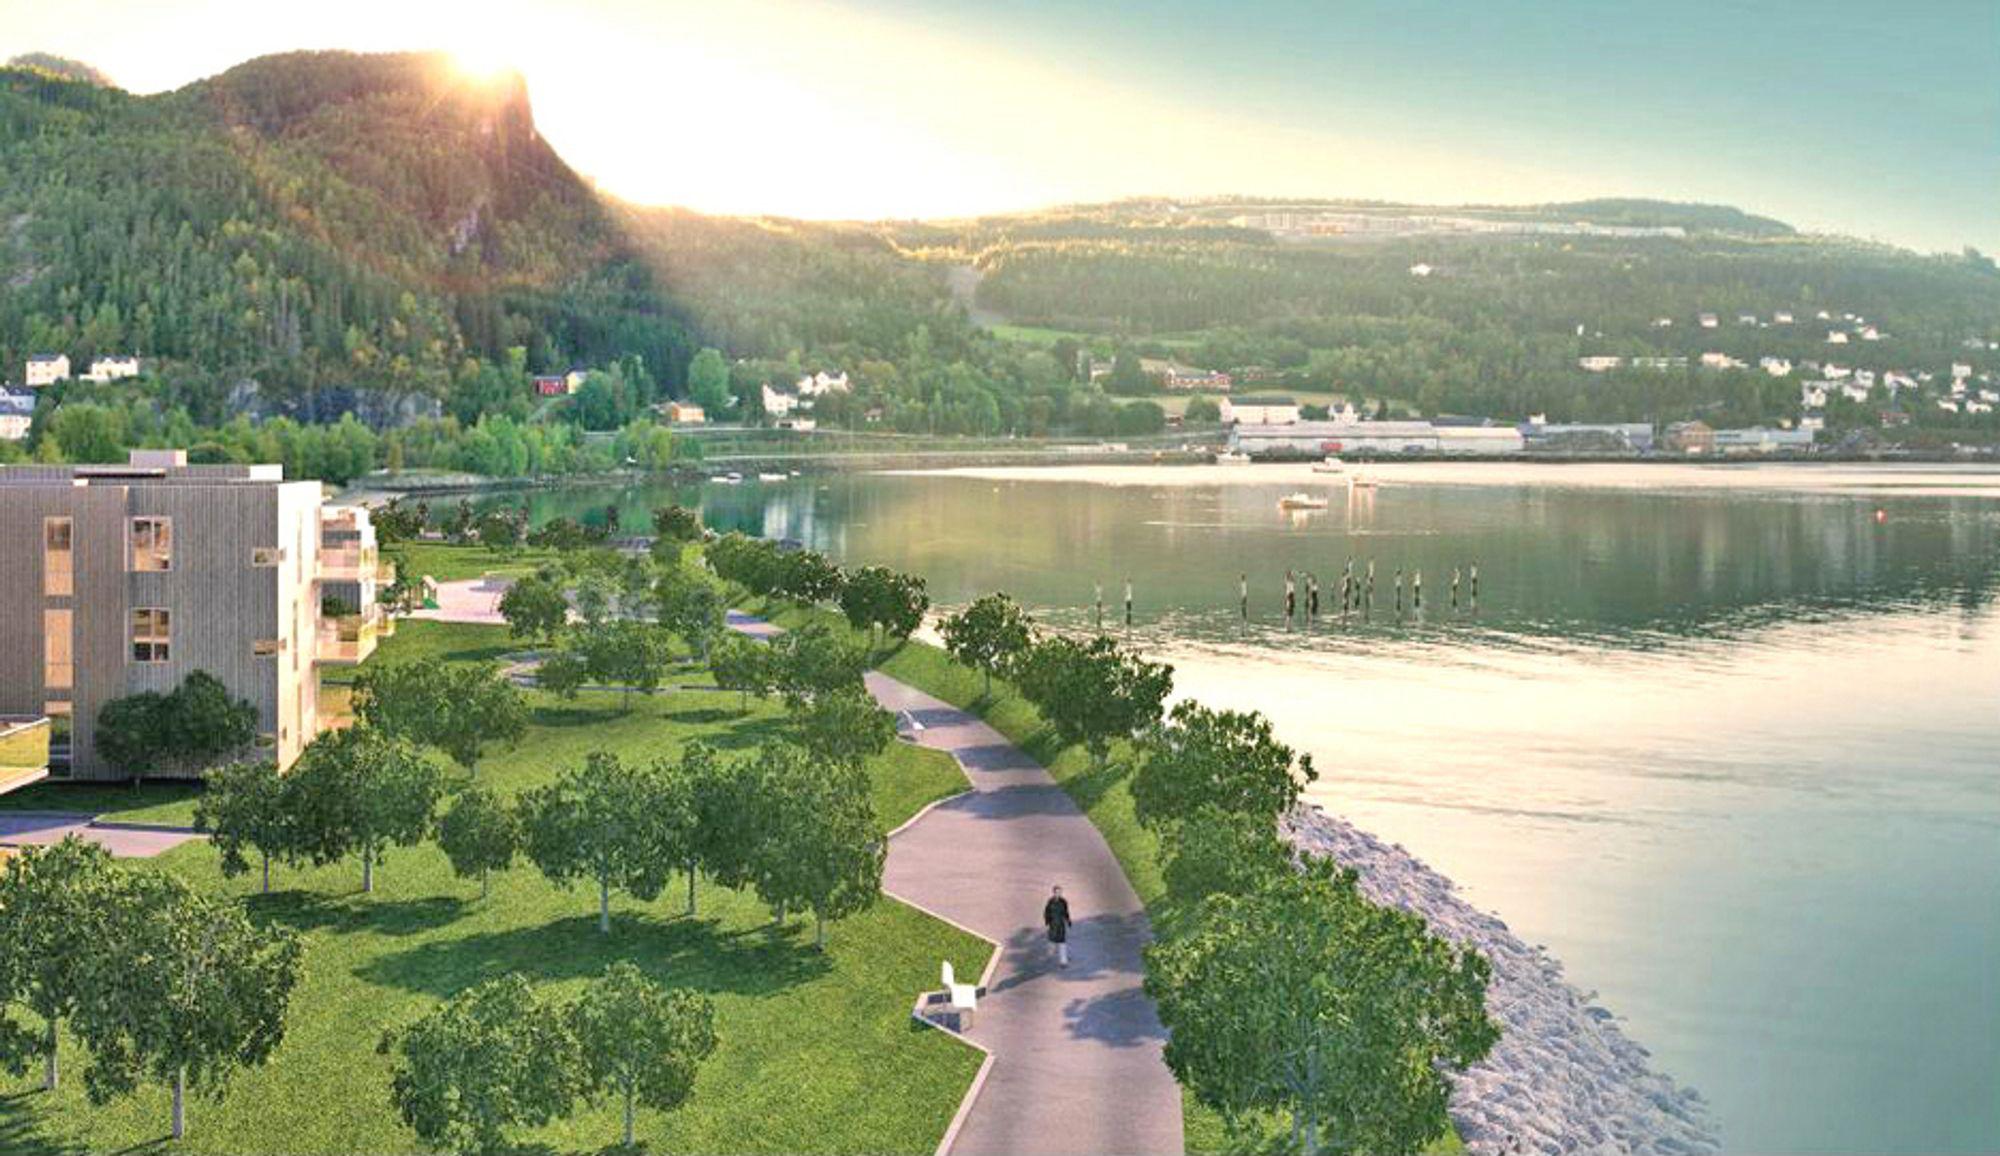 Slik vil det se ut ved strandkanten i det nye boligfeltet i Hommelvik sommeren neste år. Allerede i november i år er strandpromenaden og boligene på bildet ferdig. Ill.: Vizwork